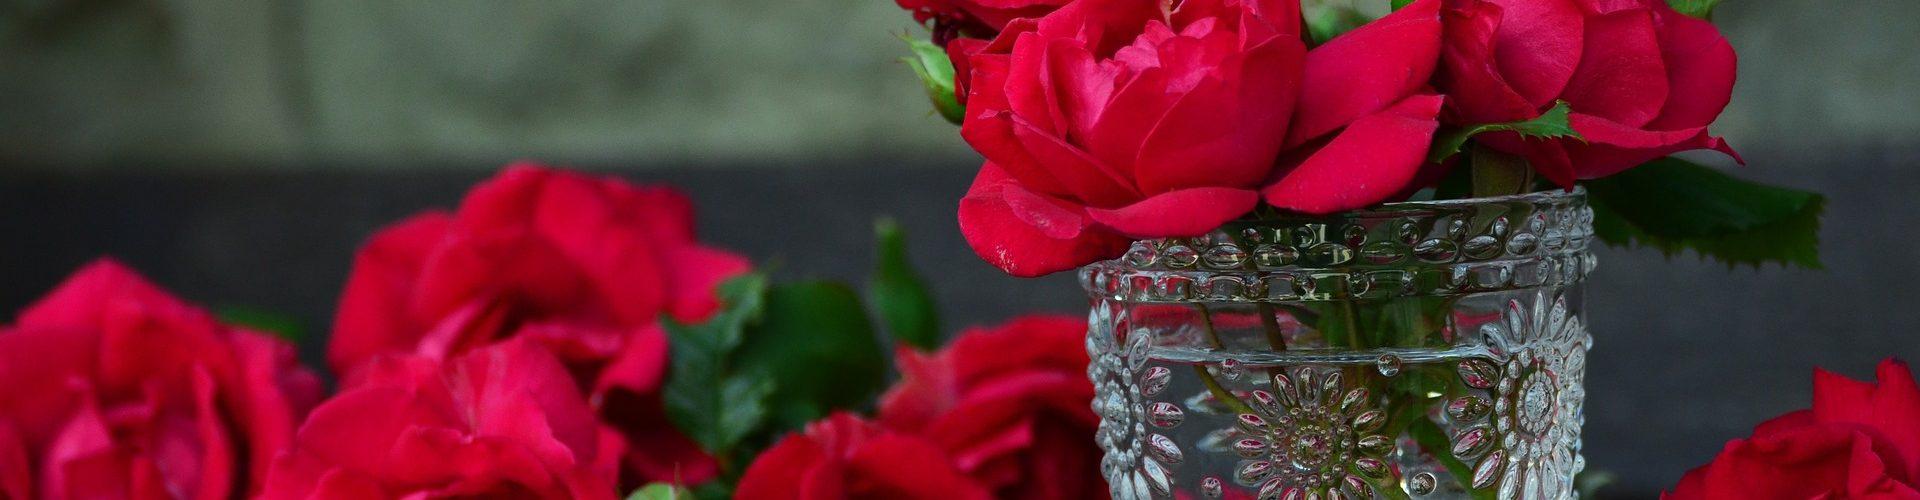 flores san sebastian de los reyes